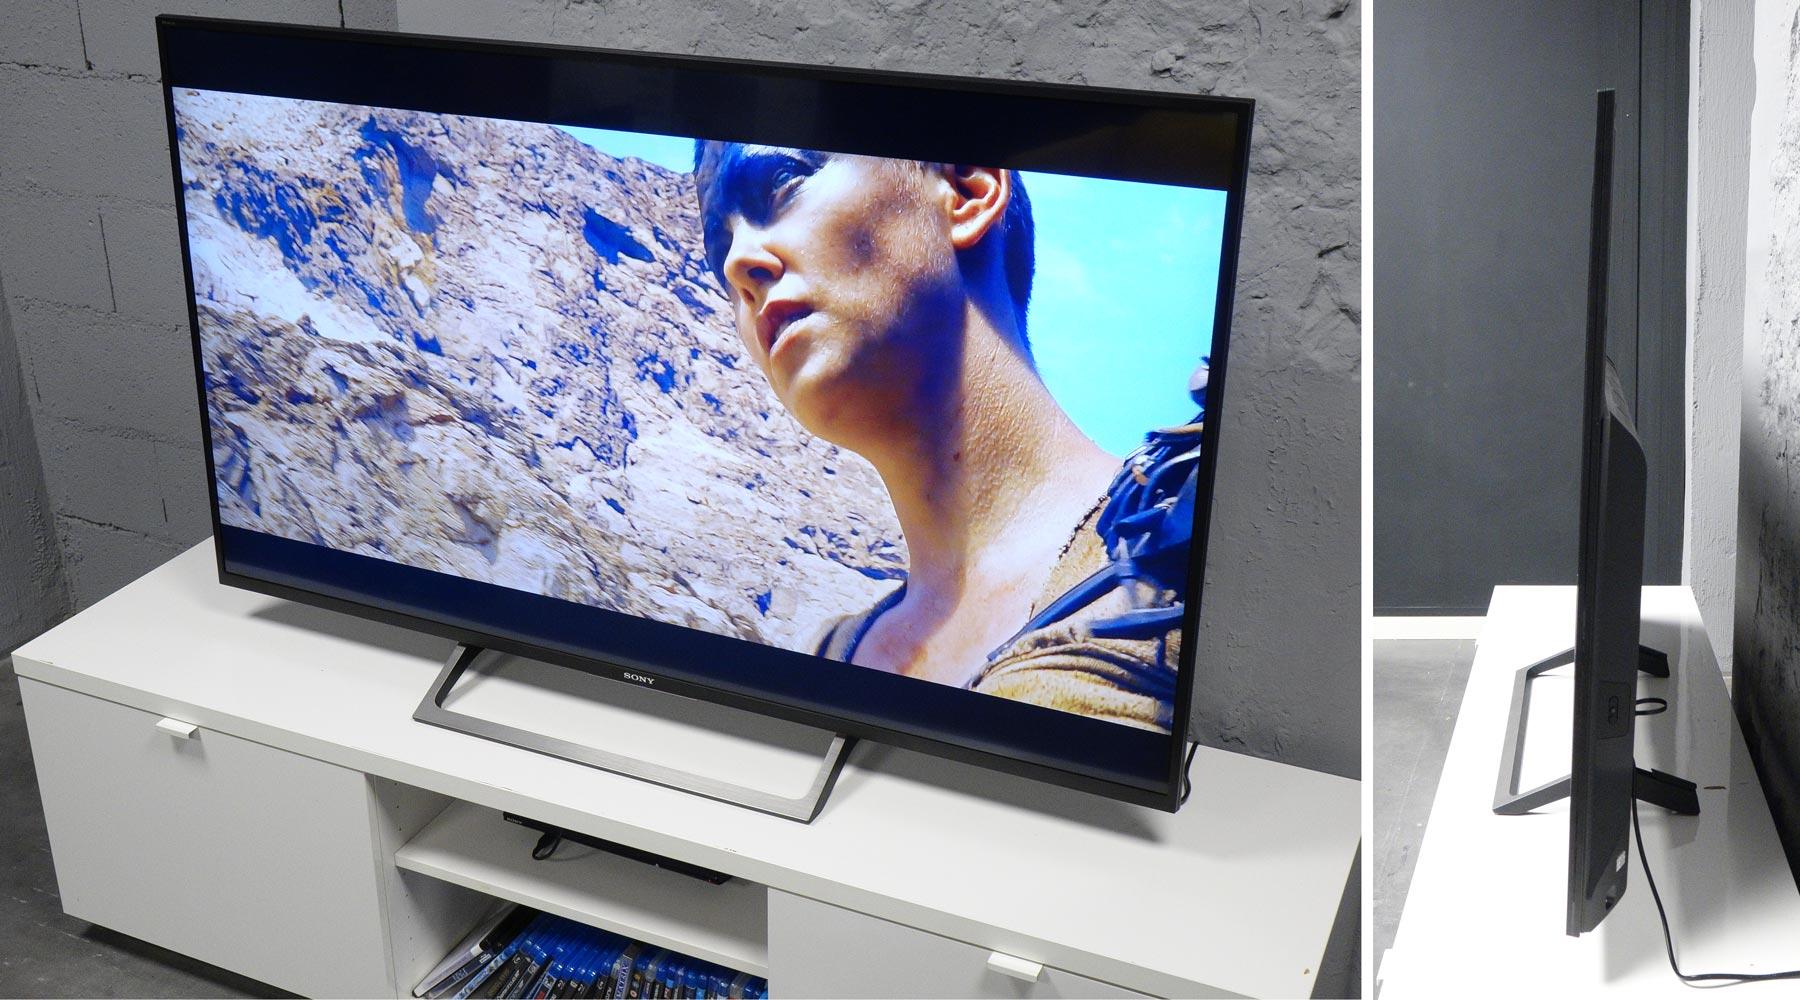 sony kd 55xe7005 test prix et fiche technique t l viseur les num riques. Black Bedroom Furniture Sets. Home Design Ideas